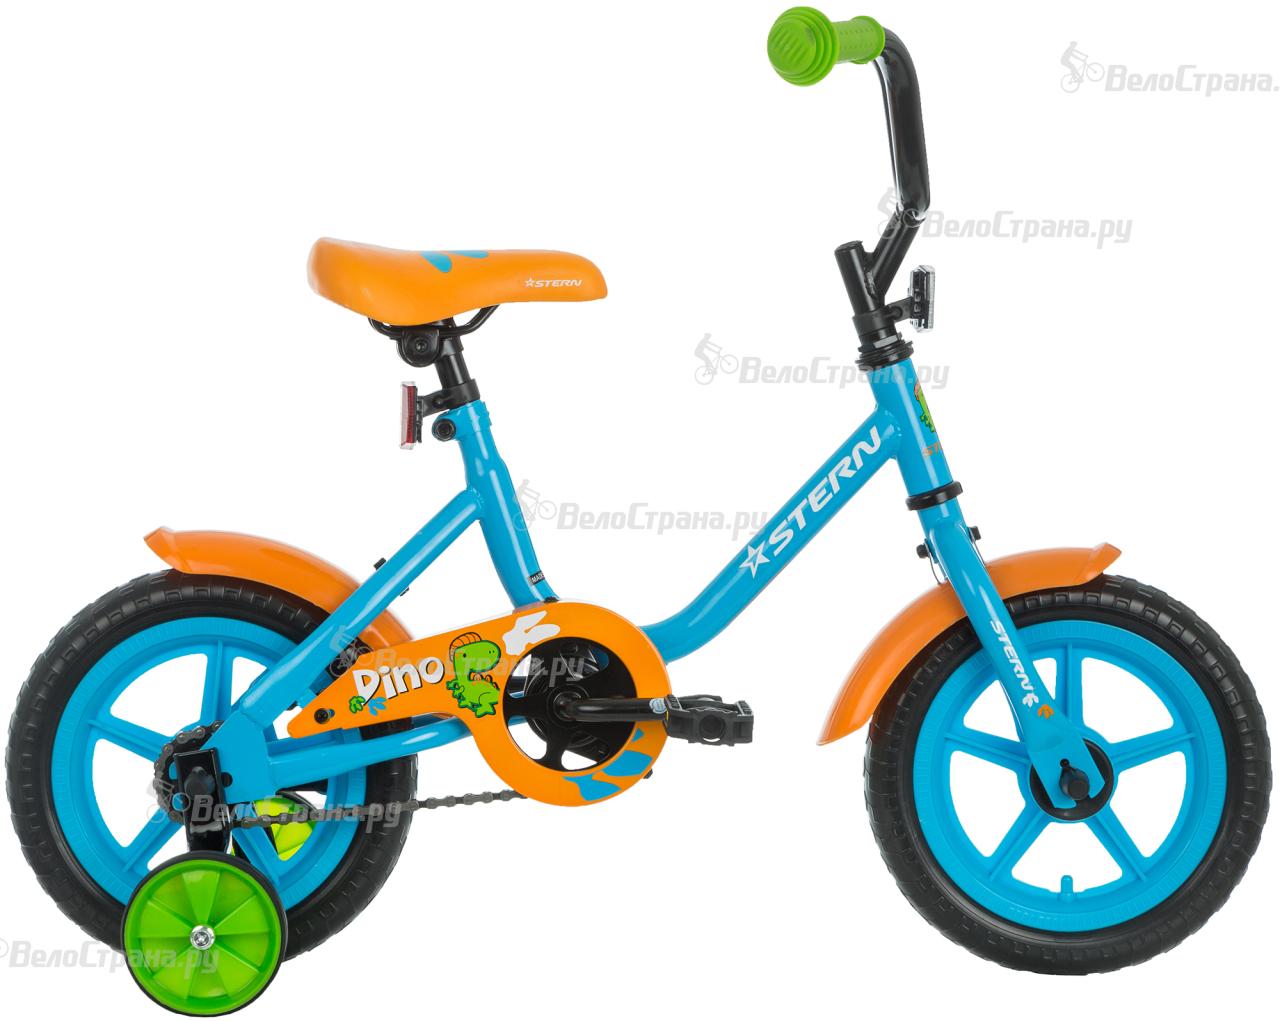 Велосипед Stern Dino 12 (2017) велосипед stern kidster transformer 12 2017